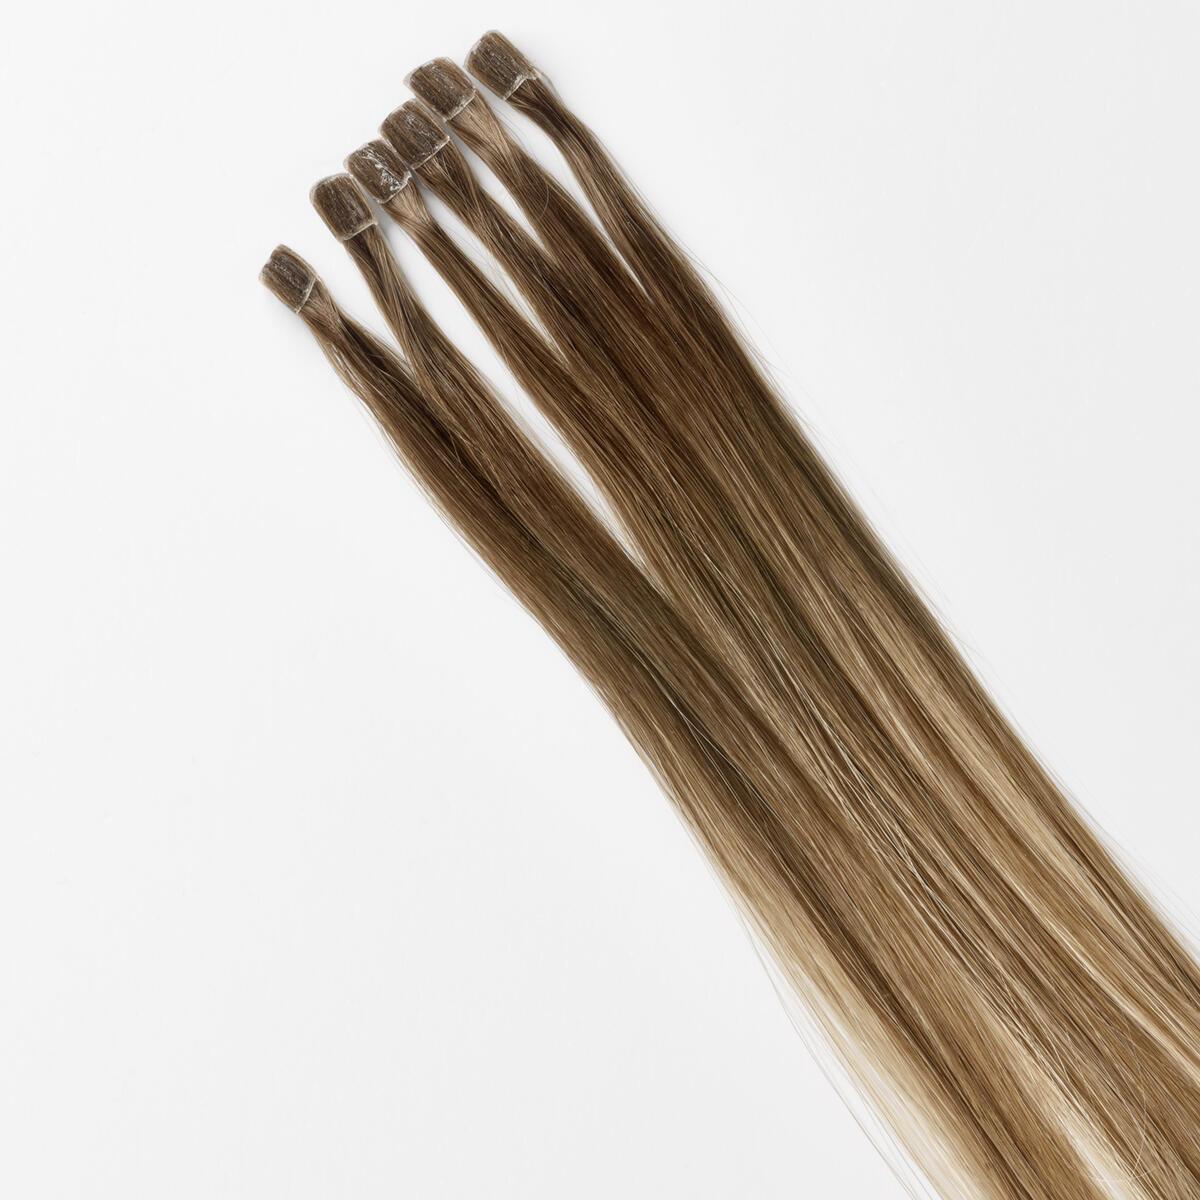 Nail Hair Premium C2.2/5.1 Natural Brown ColorMelt 40 cm